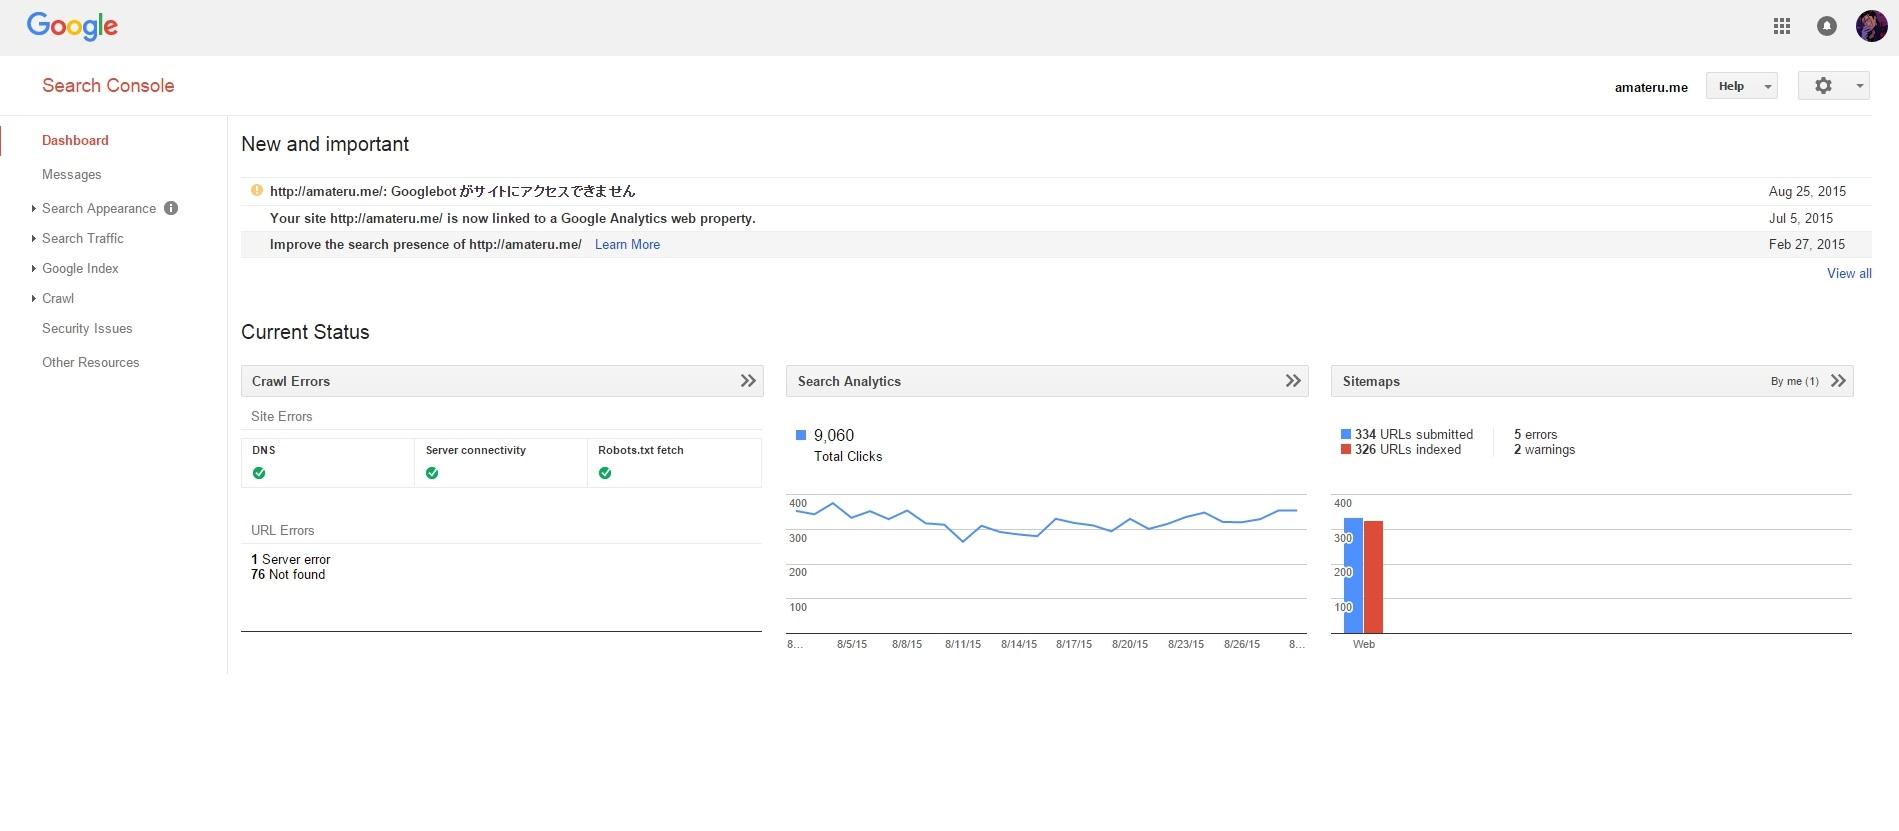 Google Search Consleのダッシュボードのスクリーンショットです。